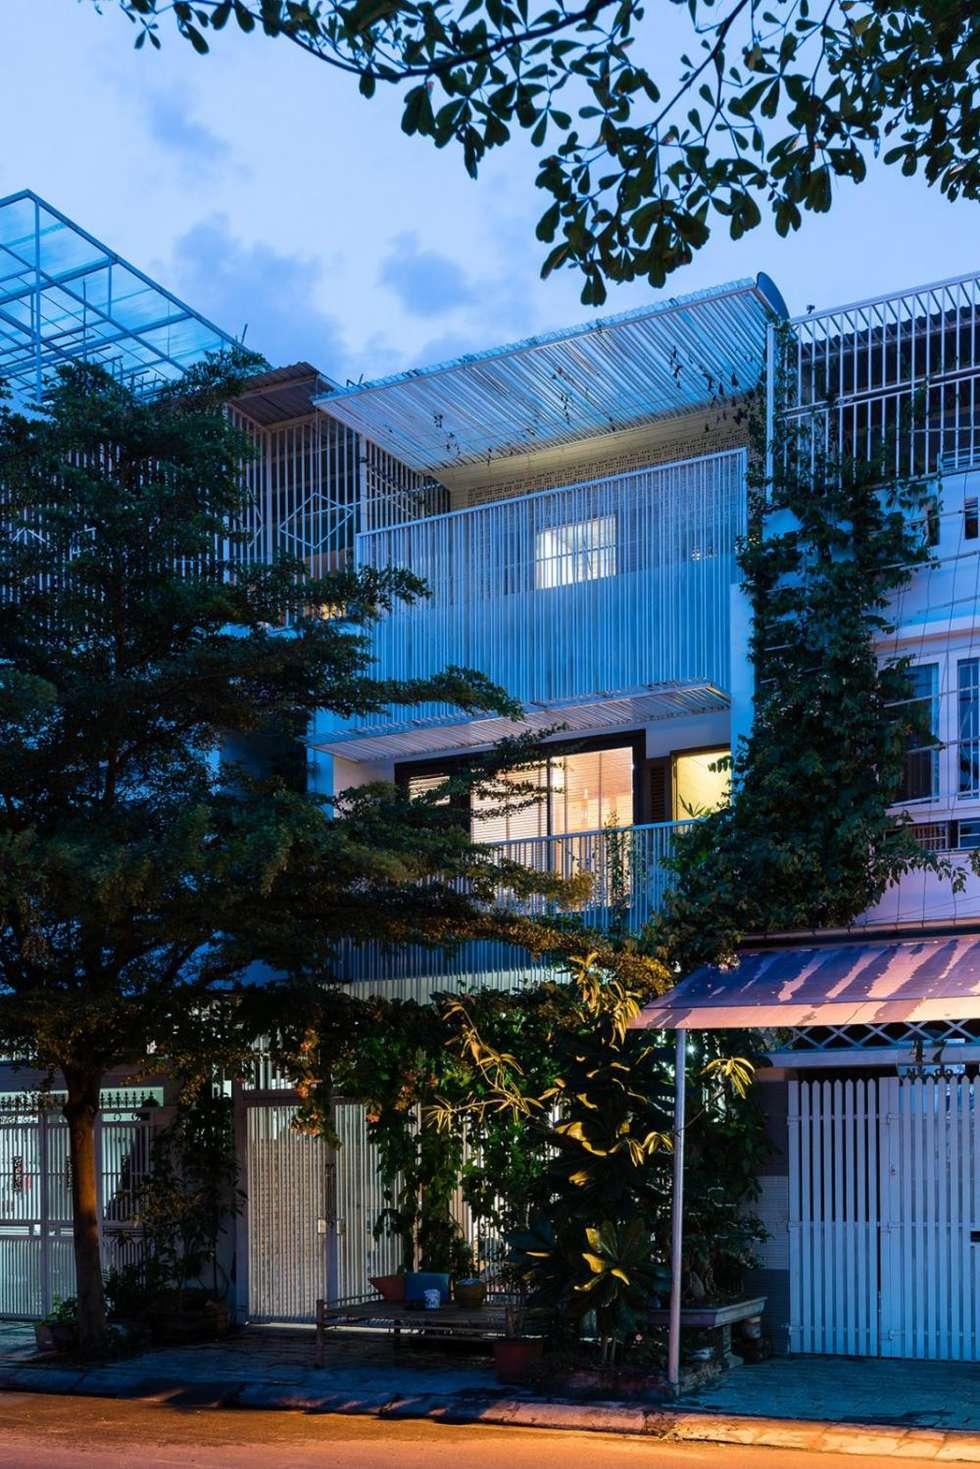 Nhà cho nhiều gia đình by laixaynhapho92